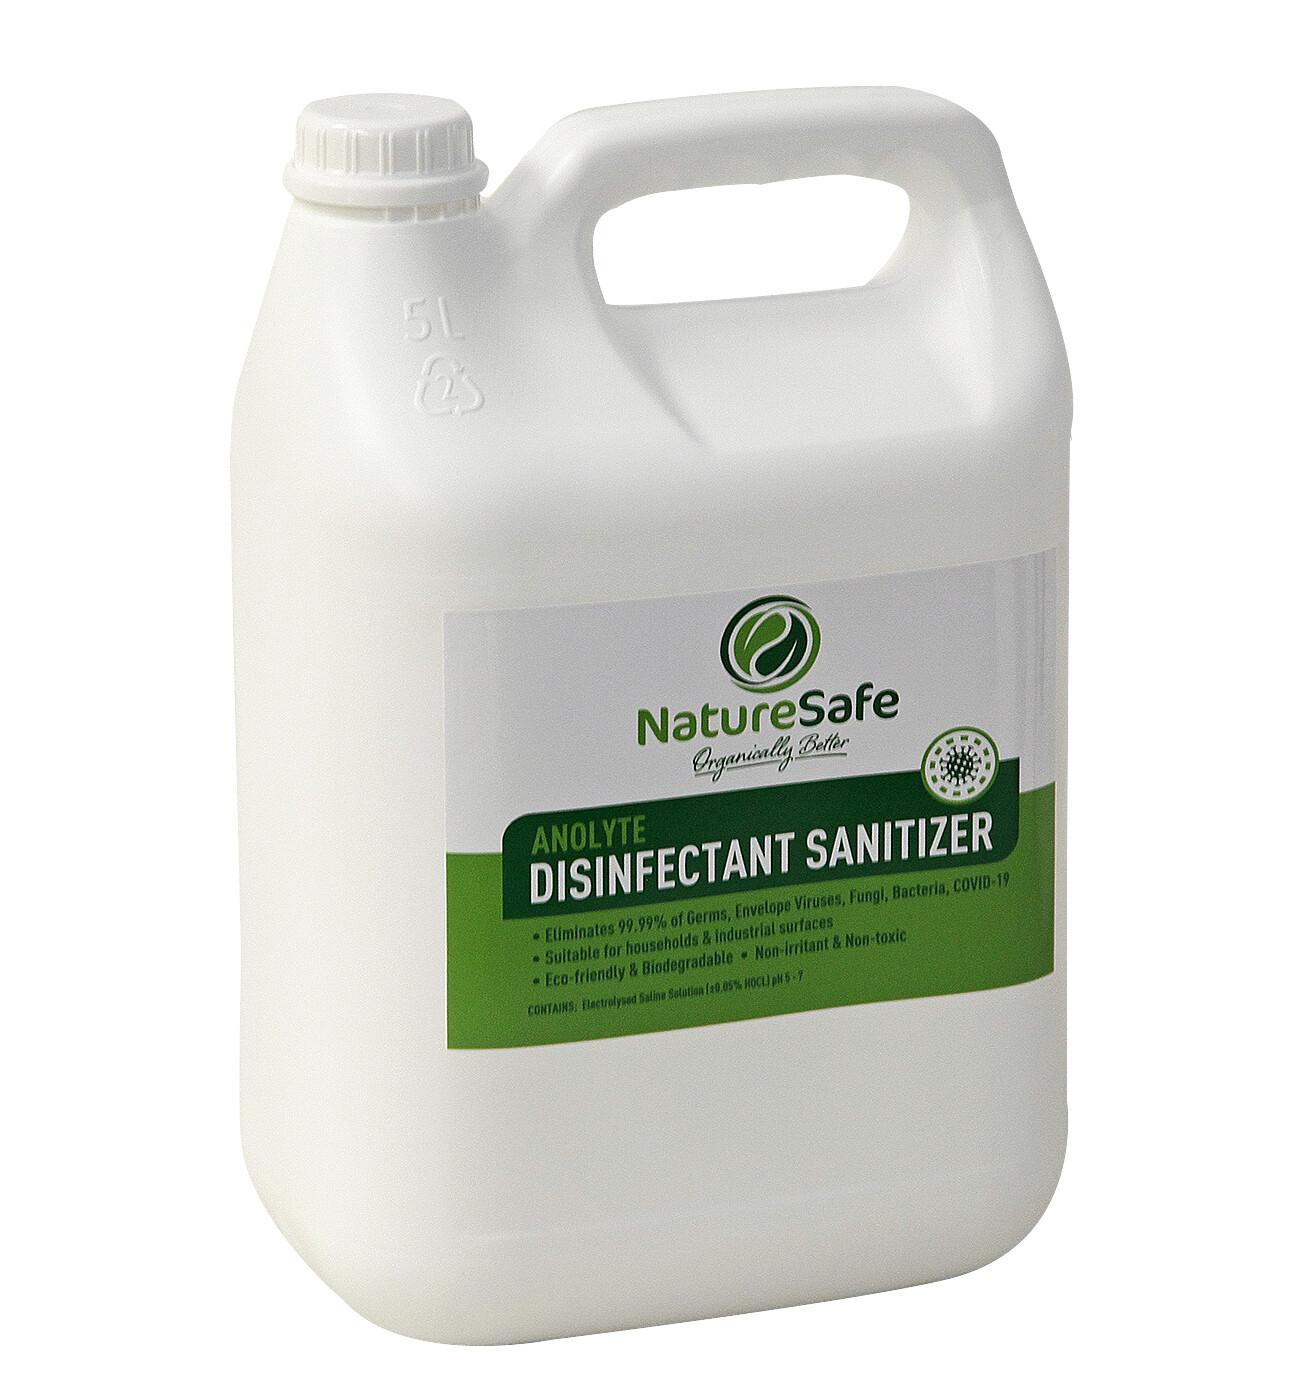 NatureSafe 2.5L Anolyte Disinfectant Sanitiser